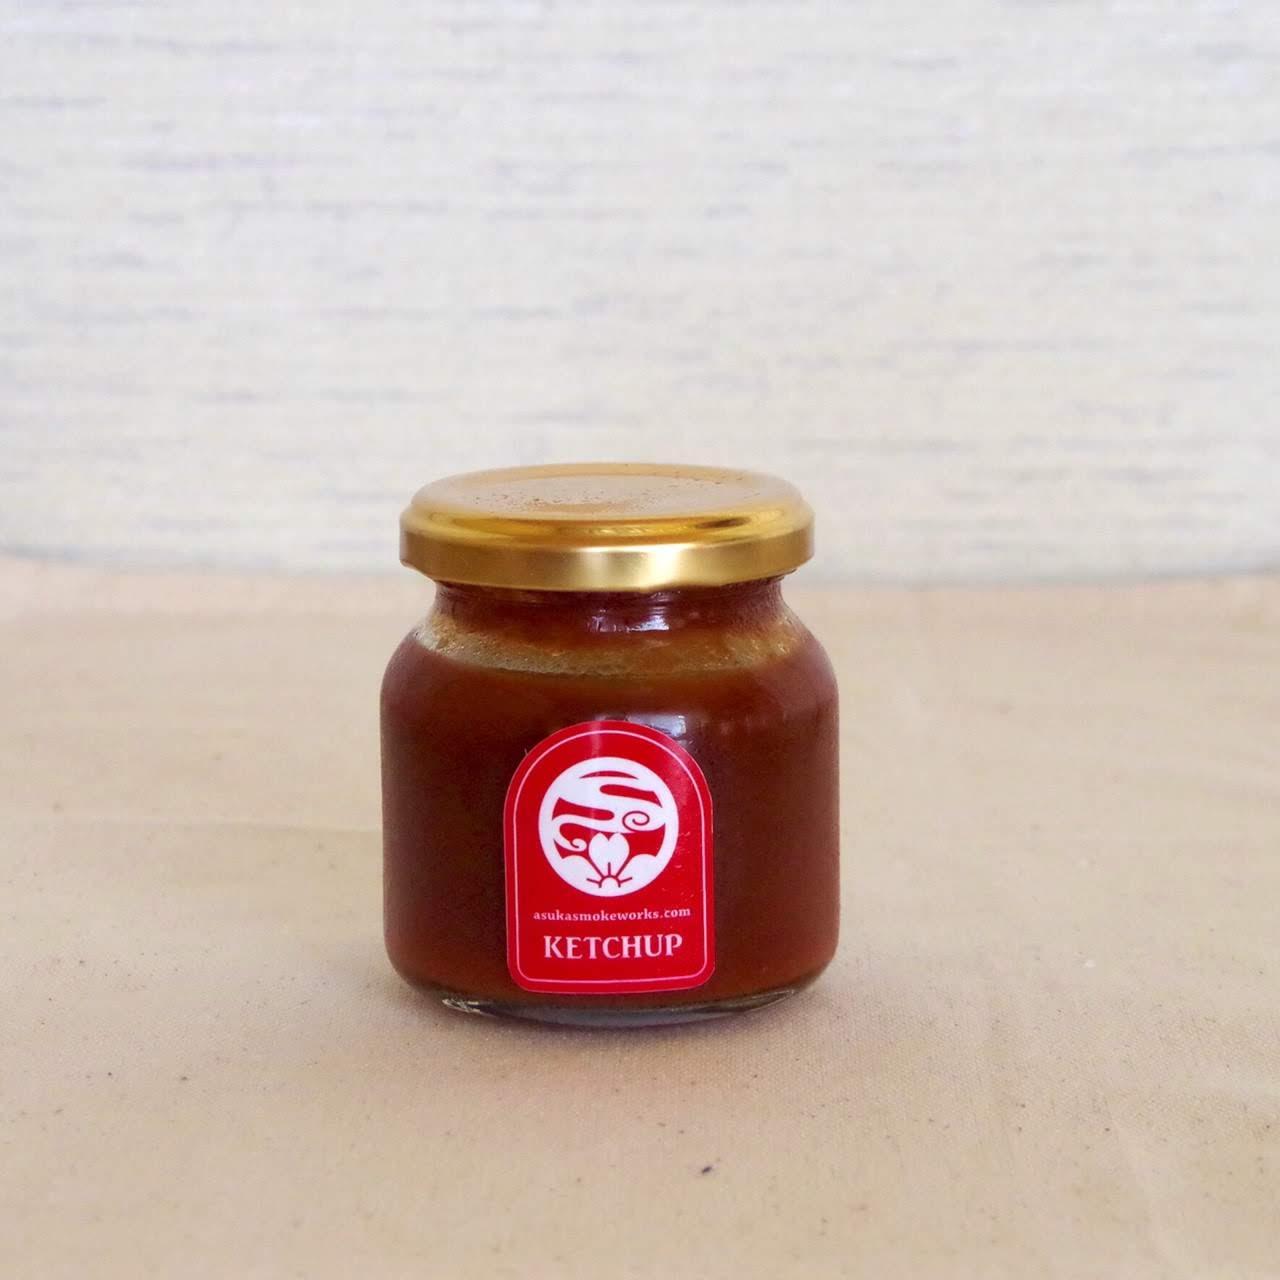 トマト&ベジタブル(ケチャップ)120g   あすか燻製工房[さくらバーガー](奈良/明日香)画像